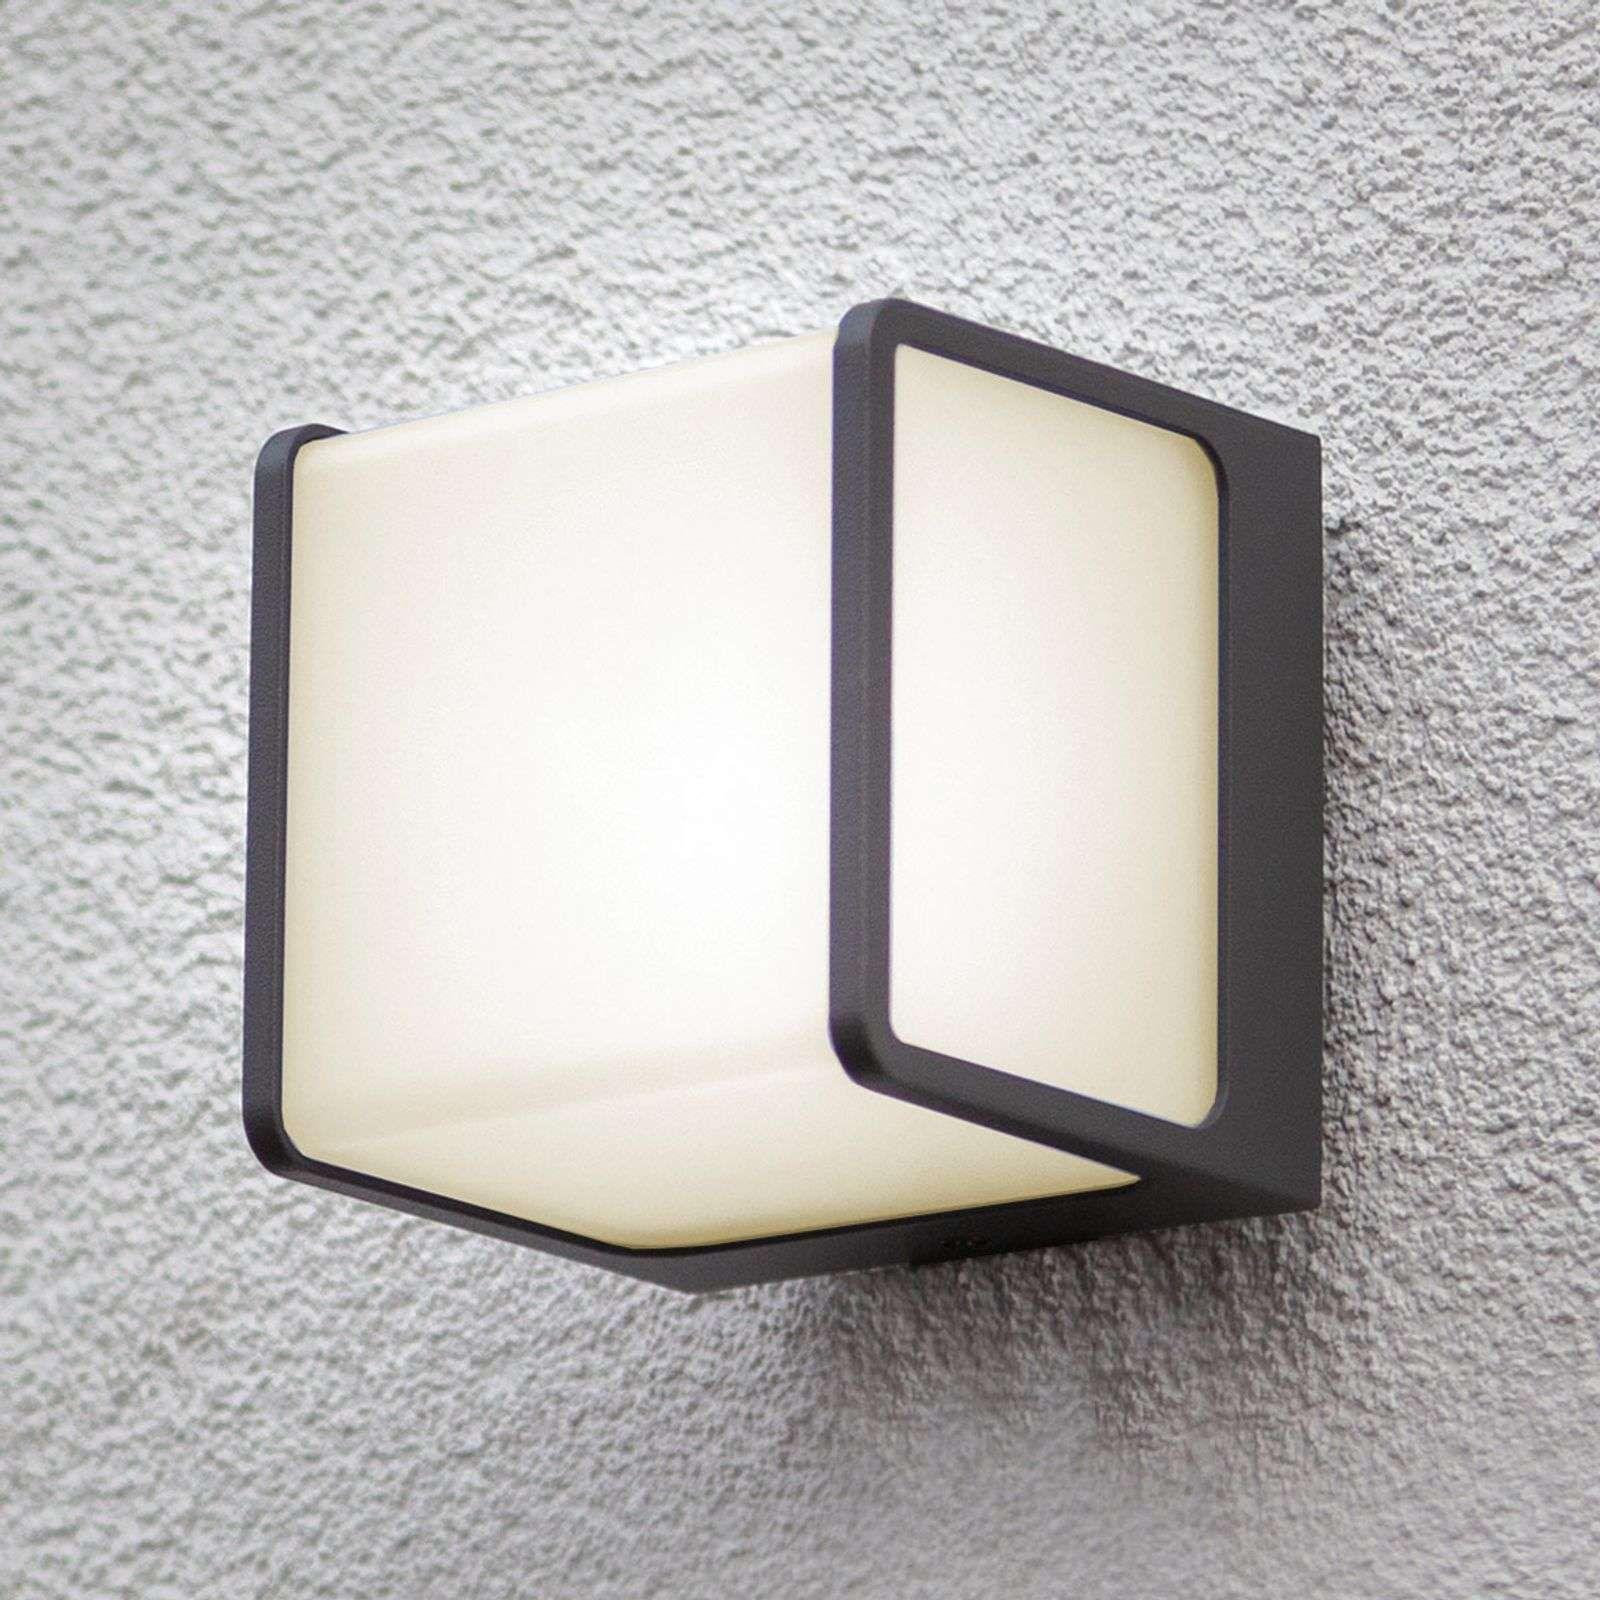 Moderne Aussenwandleuchten Telin Von Eco Light Weiss In 2020 Aussenwandbeleuchtung Aussenwandleuchte Led